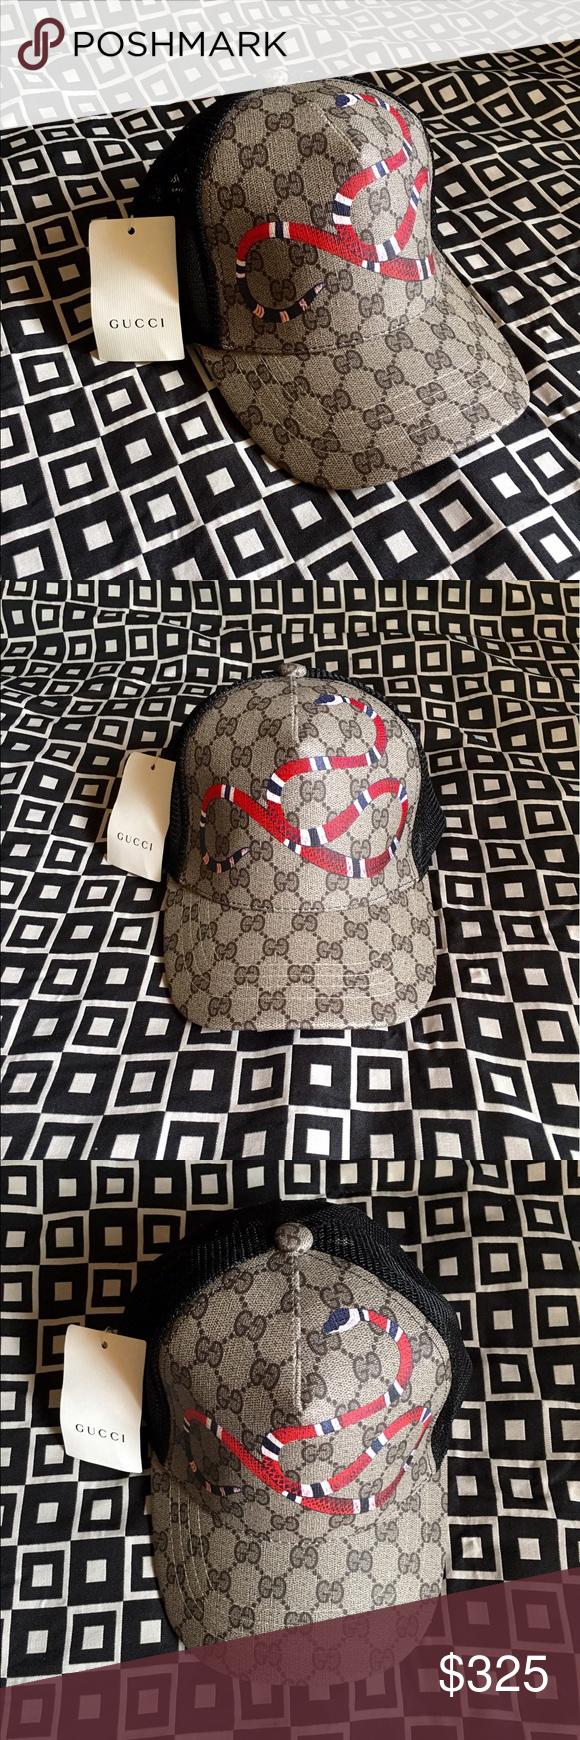 Gucci GG KingSnake Print Hat!!! Gucci GG KingSnake Print Baseball ... 078b3f1f1429